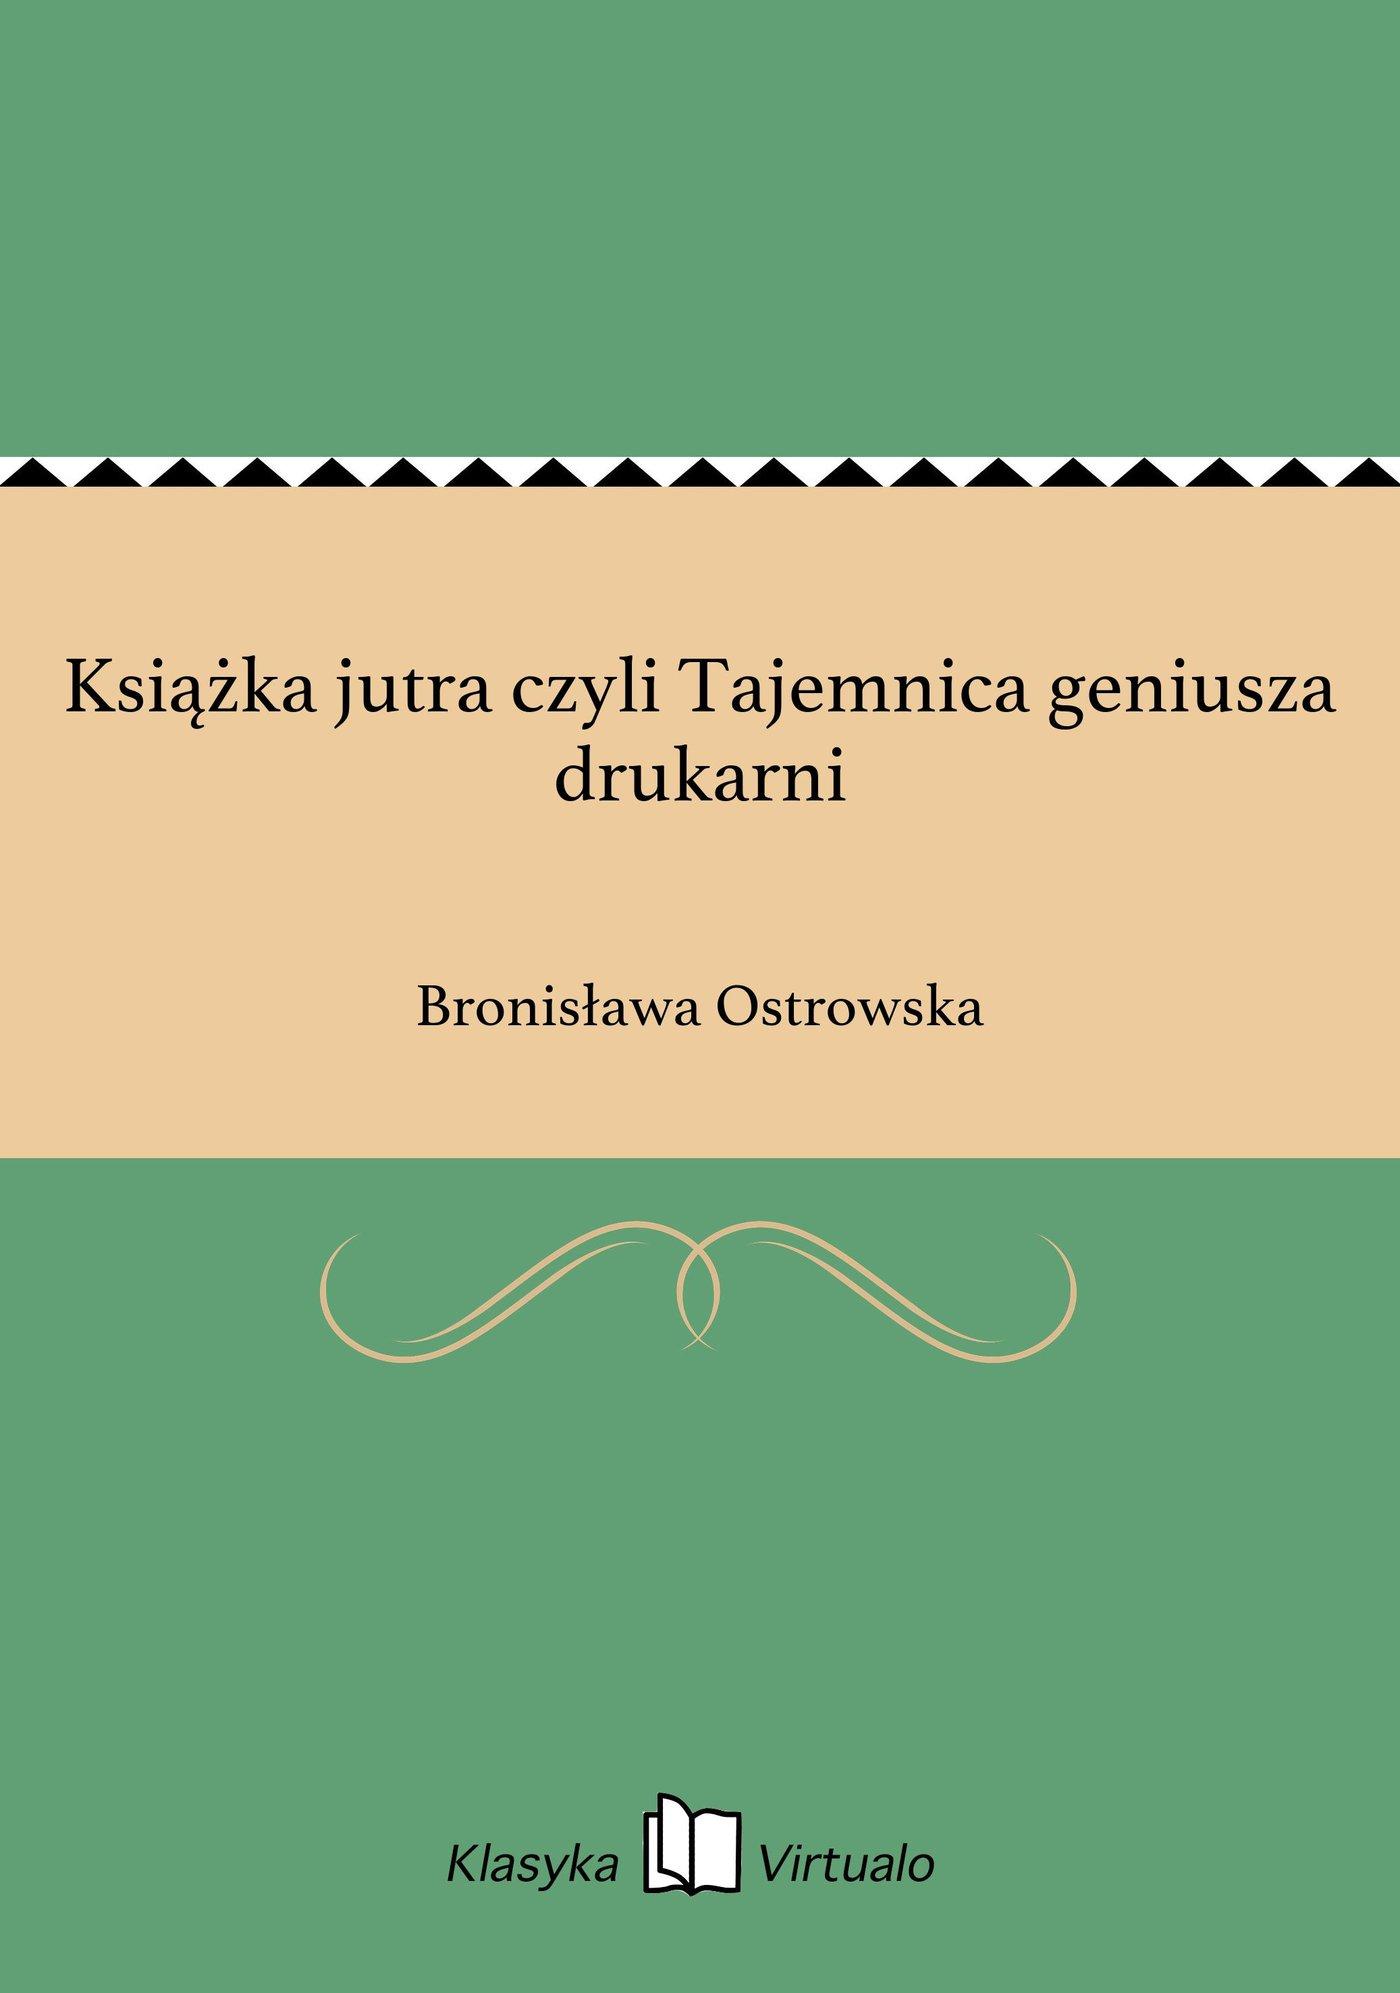 Książka jutra czyli Tajemnica geniusza drukarni - Ebook (Książka EPUB) do pobrania w formacie EPUB